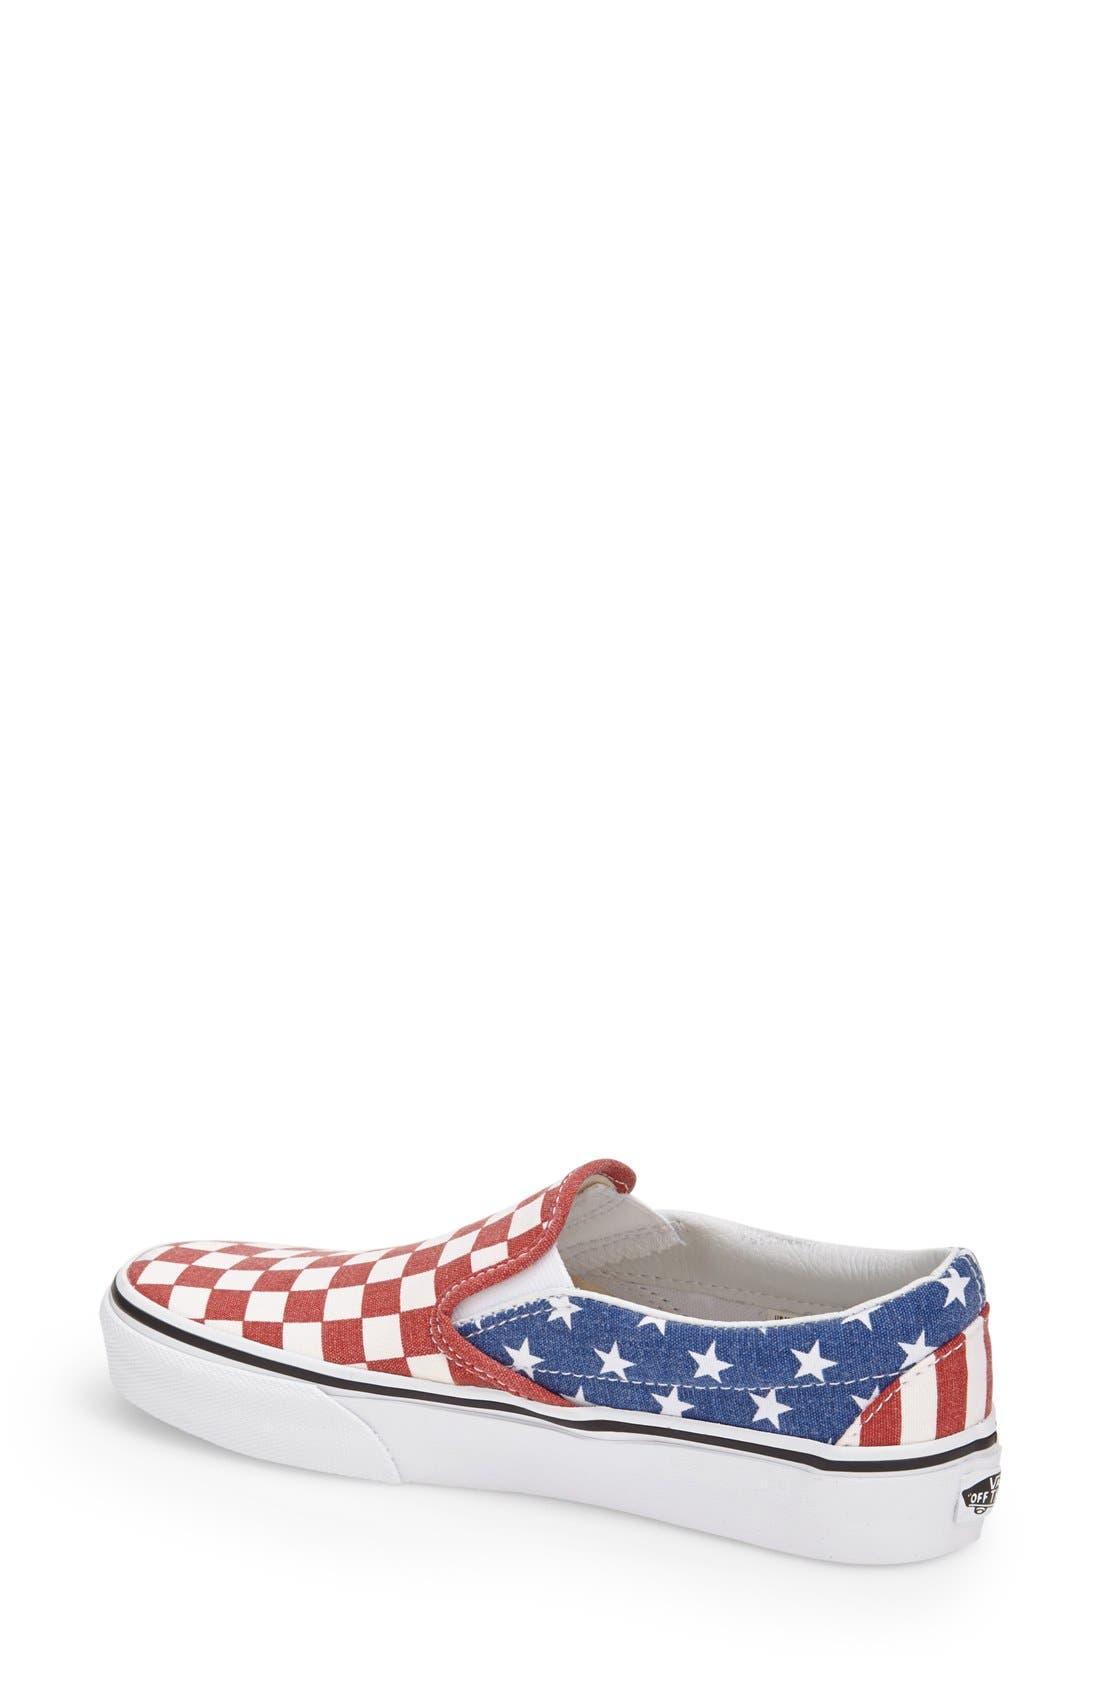 Alternate Image 2  - Vans 'Van Doren' Slip-On Sneaker (Women)